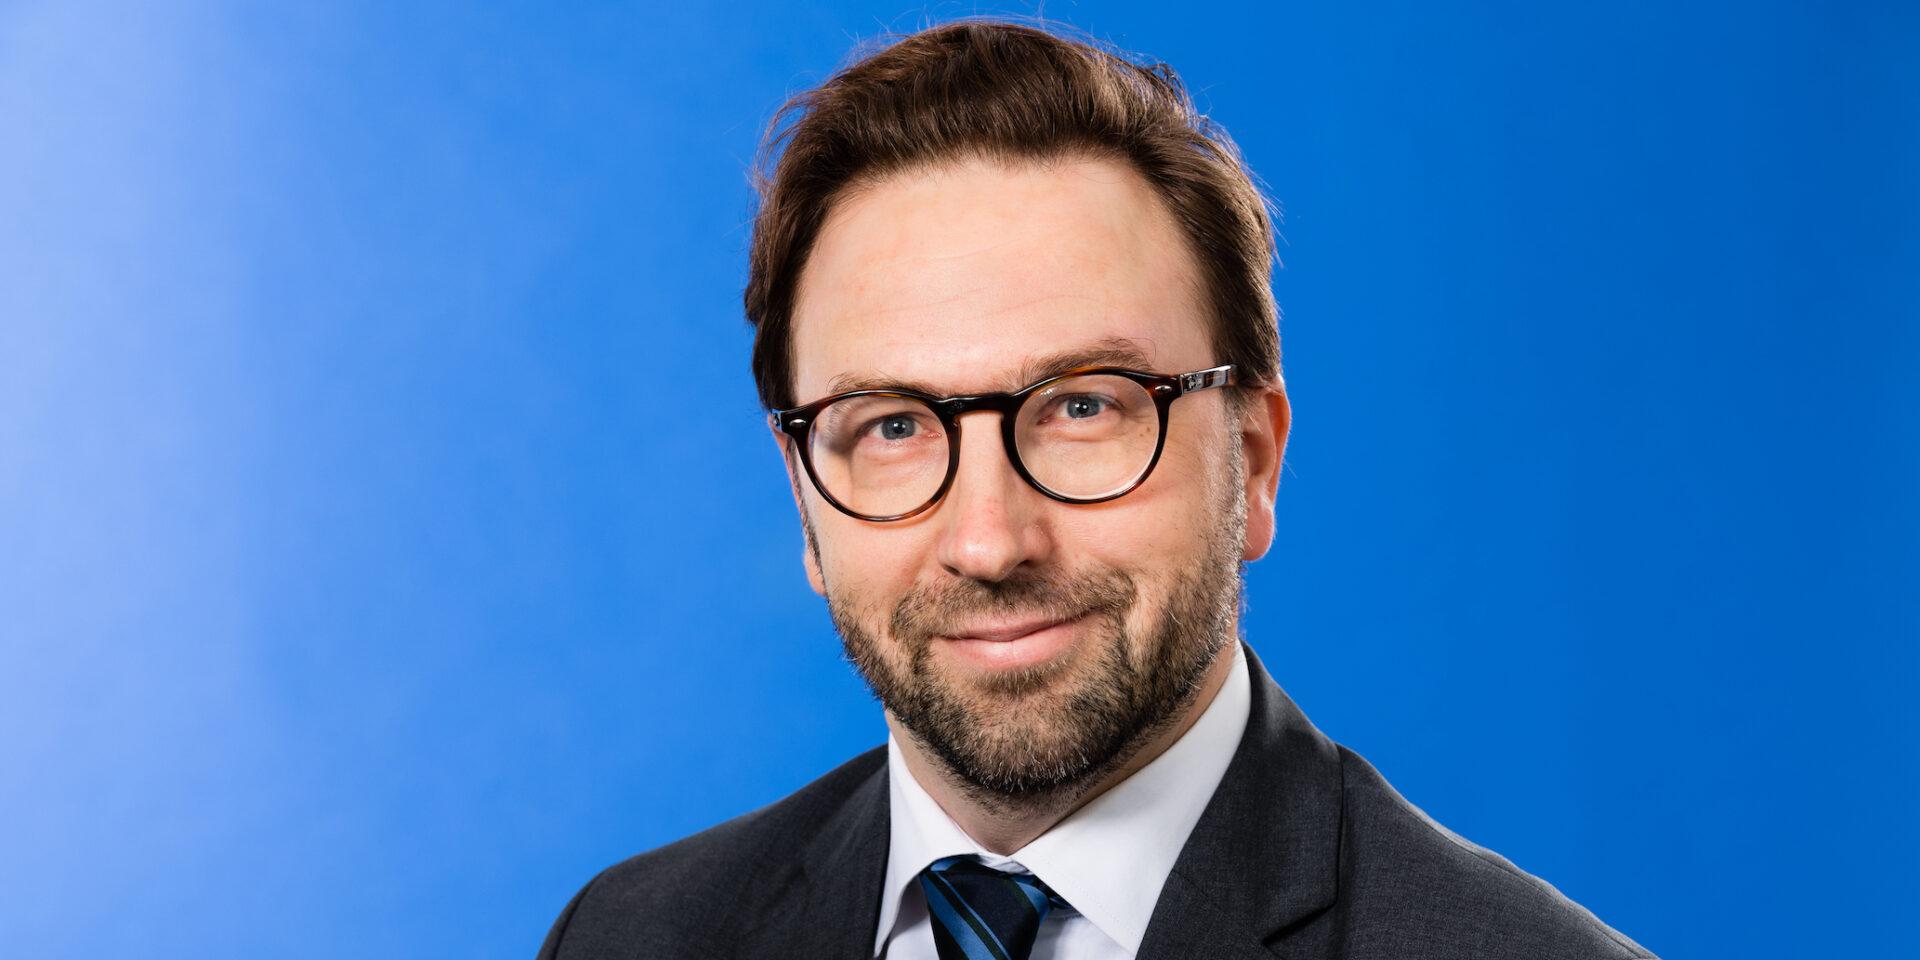 Fredrik Malm (L) önskar att han hade mer tid till biståndspolitik.